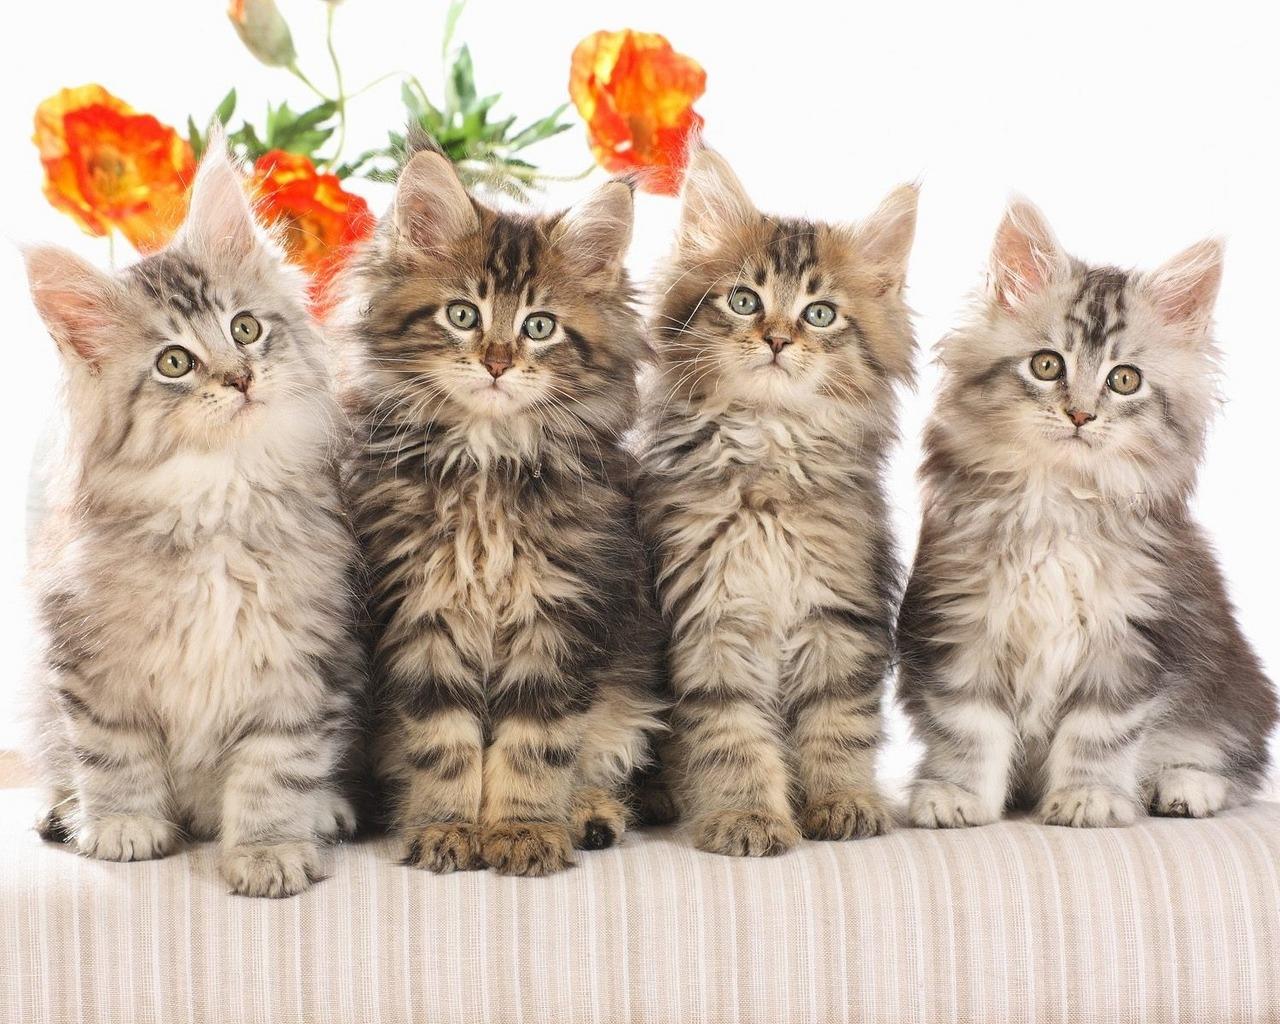 My Top Collection Cat desktop wallpaper 3 1280x1024